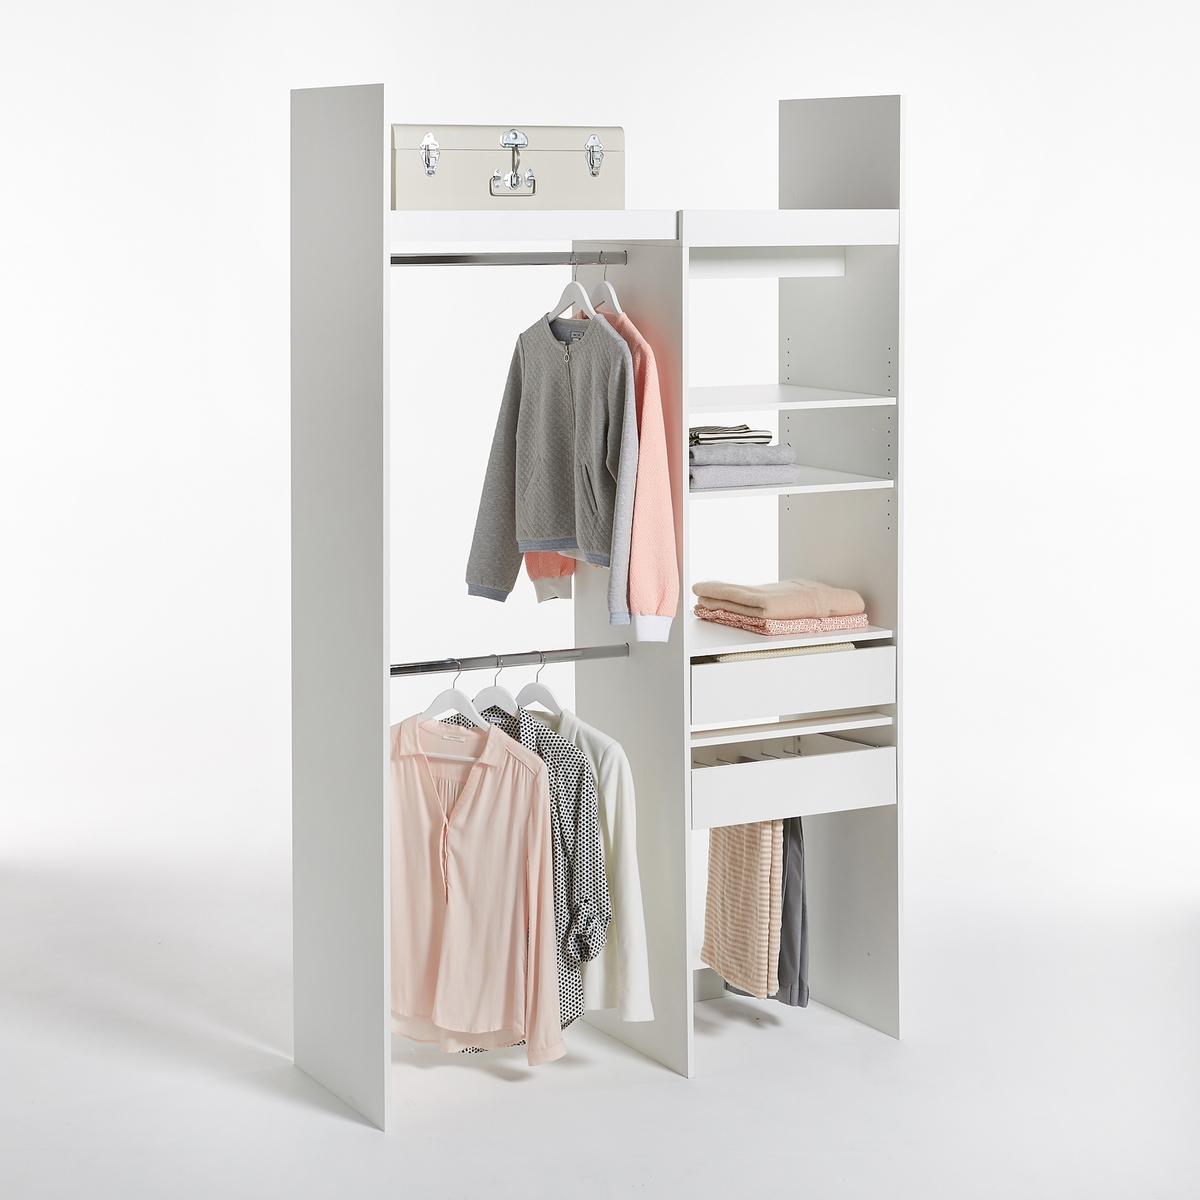 Гардероб La Redoute Модульный с 1 стеллажом и 2 отделениями для одежды Yann единый размер белый